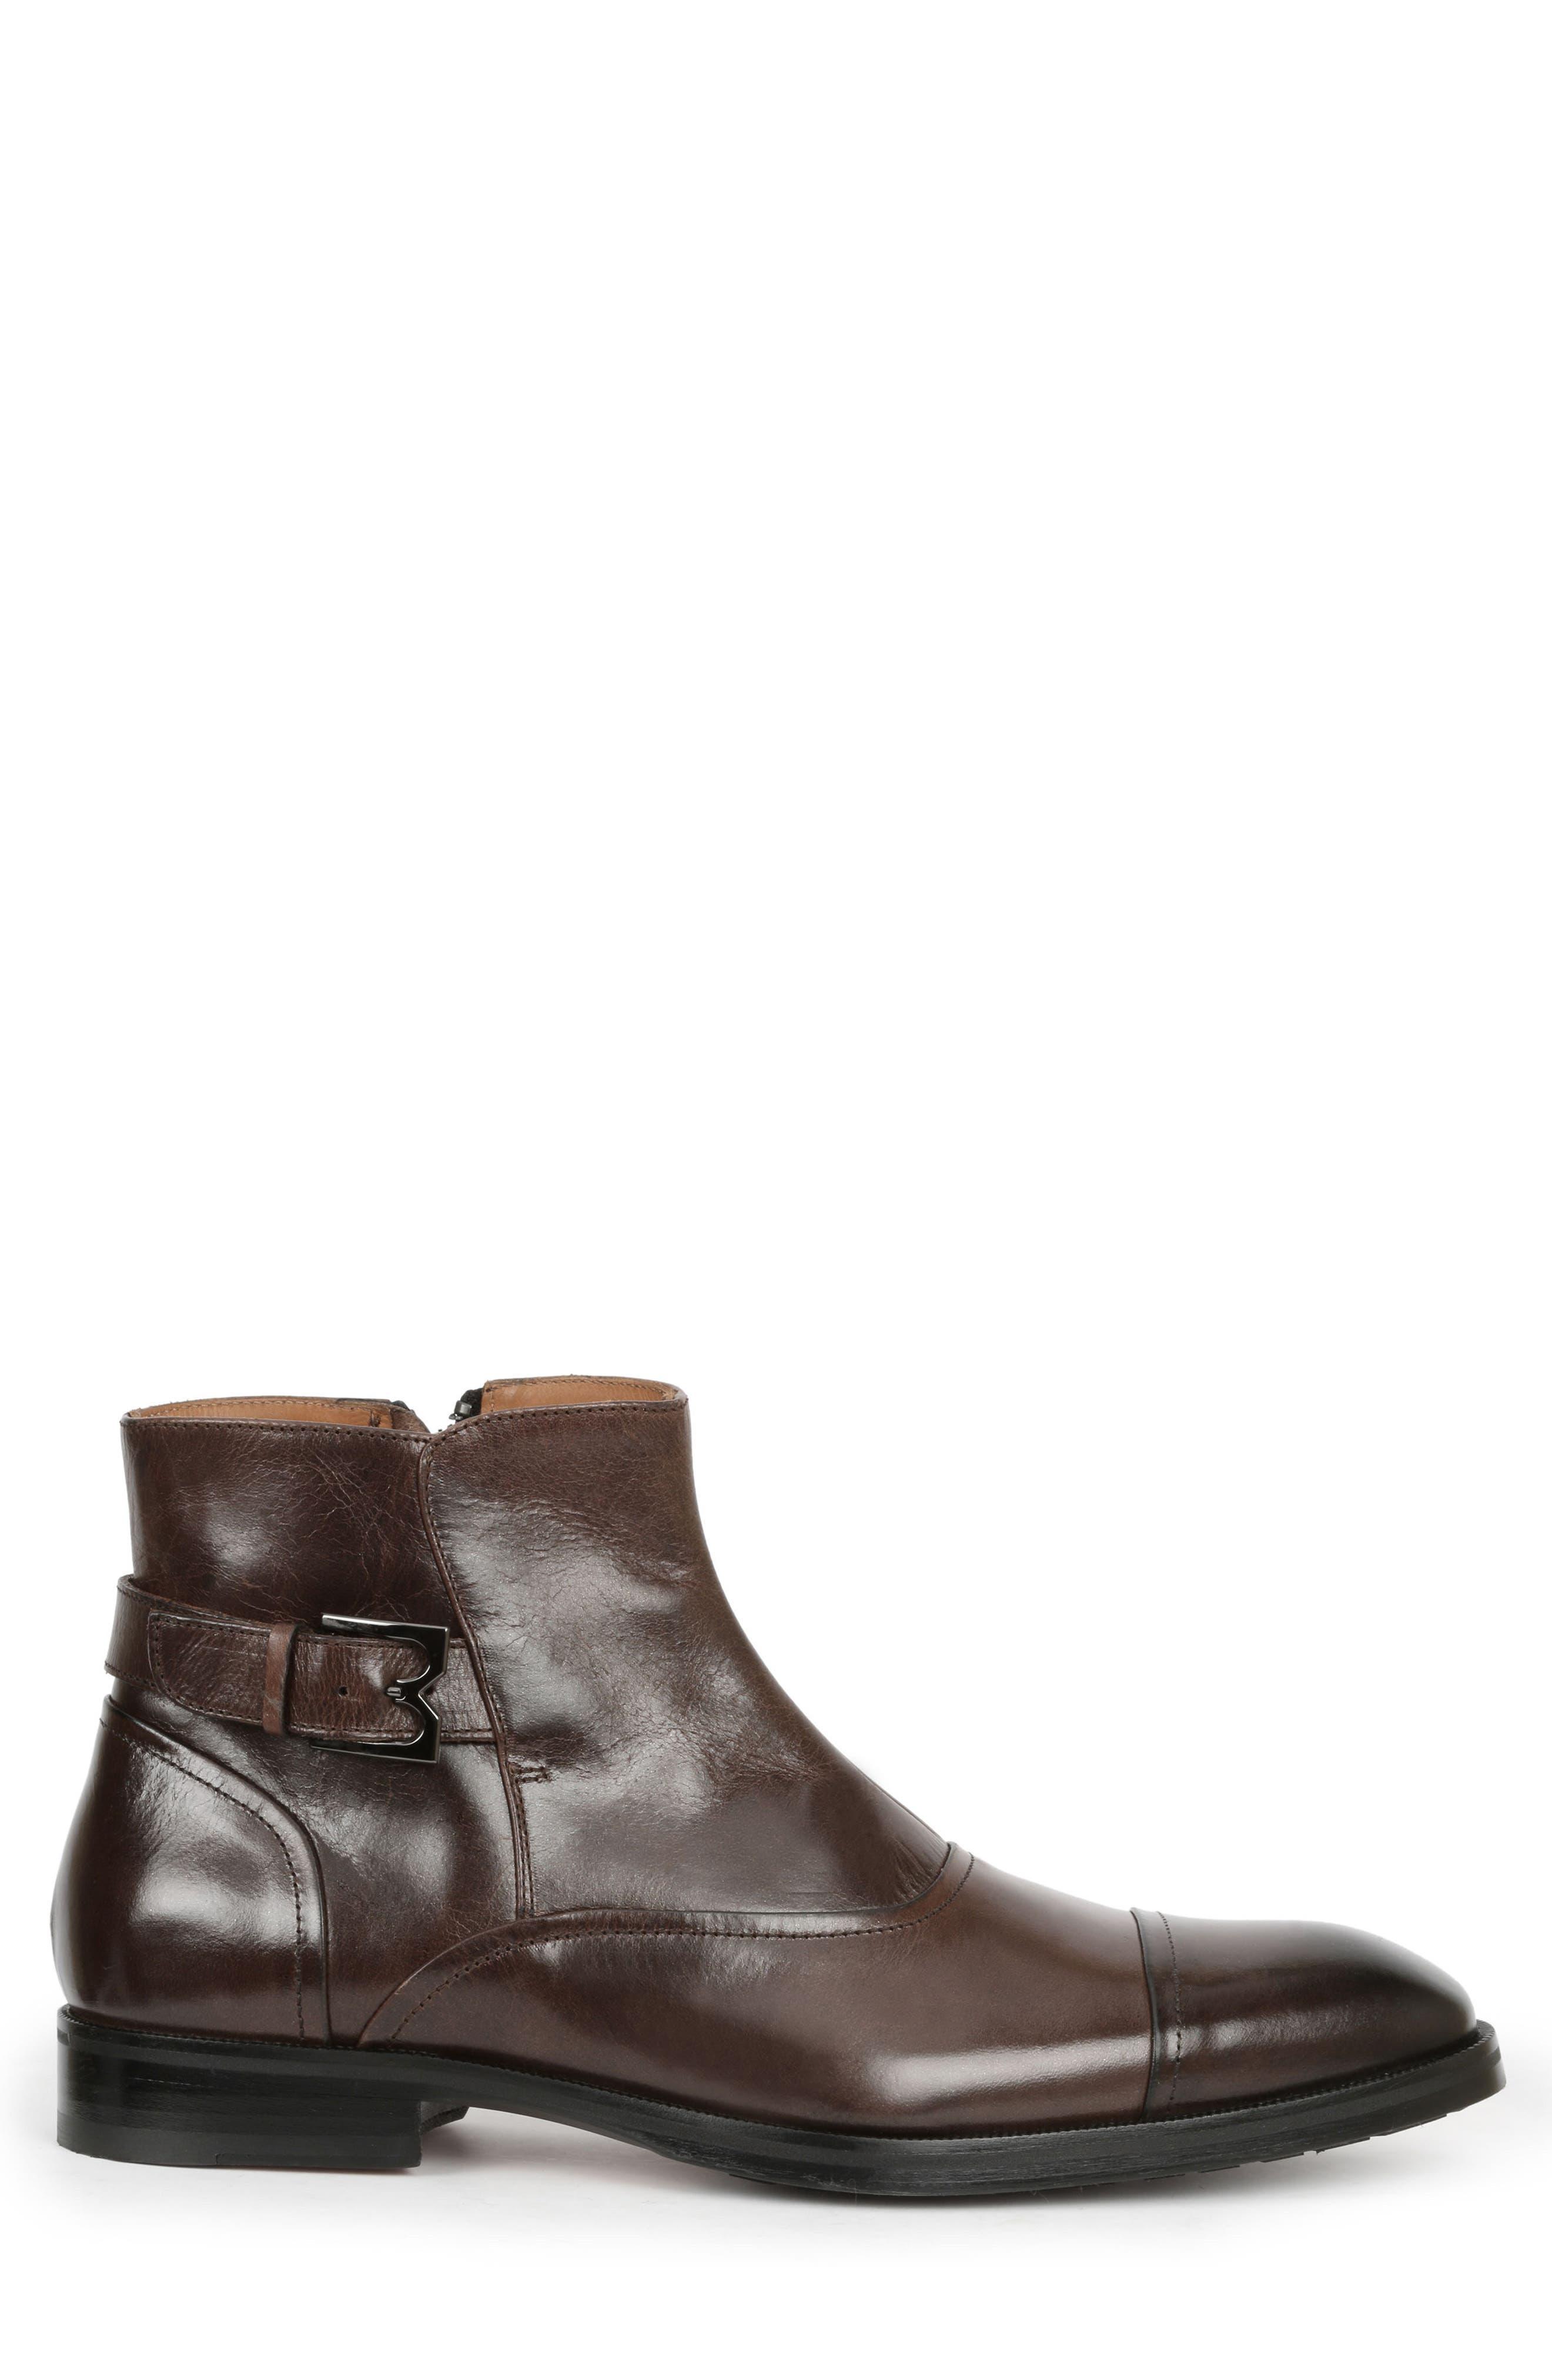 'Arcadia' Cap Toe Boot,                             Alternate thumbnail 3, color,                             Dark Brown Leather